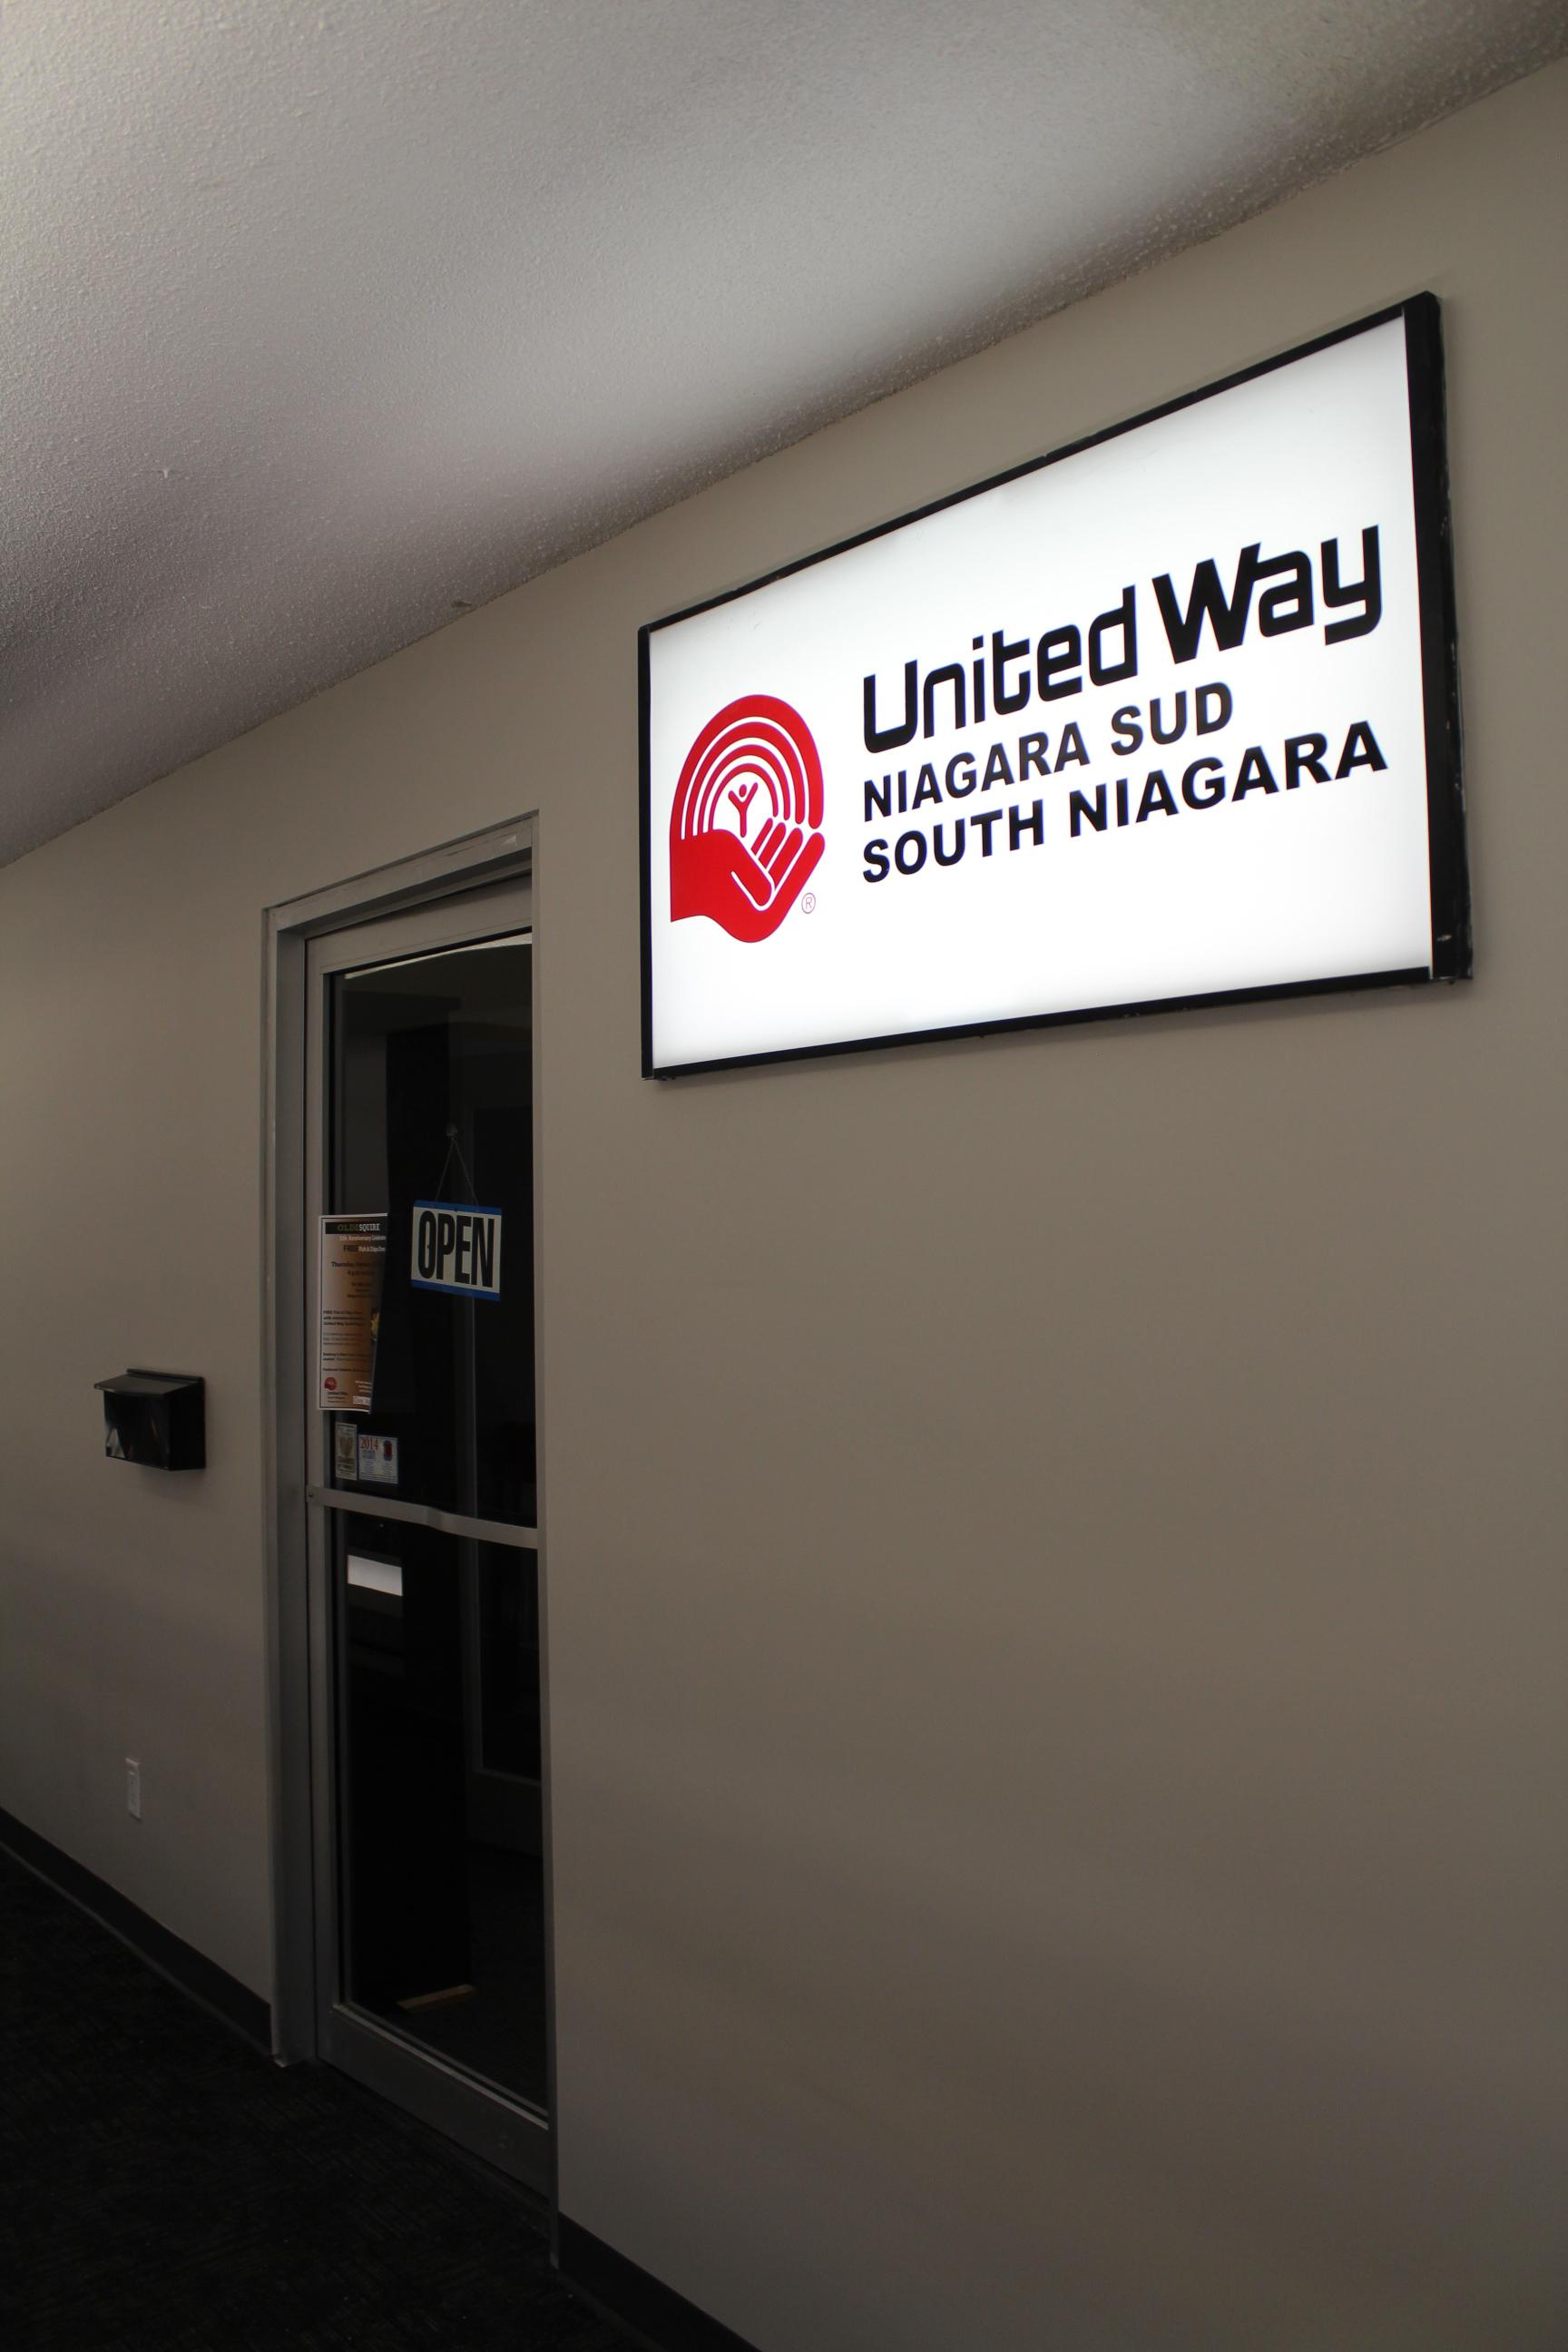 United Way of South Niagara